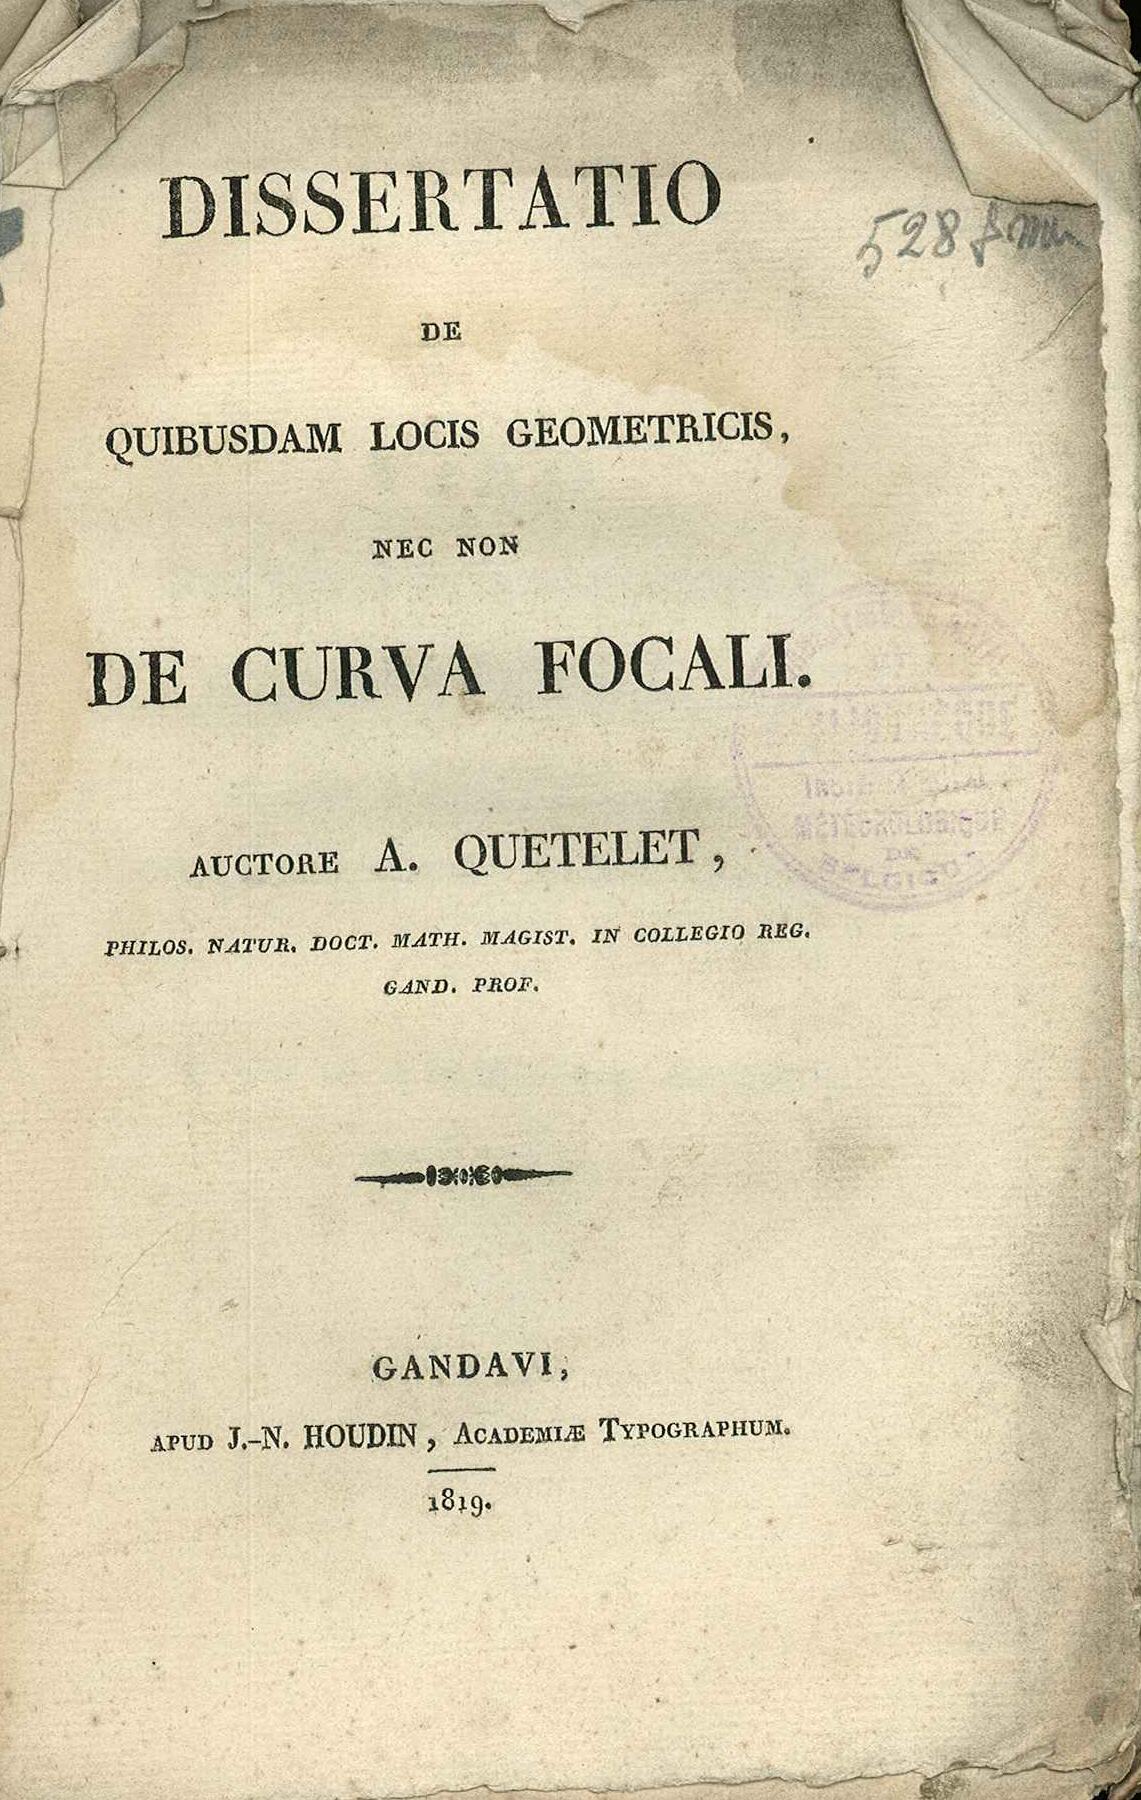 Titelpagina van de doctoraatsscriptie van Adolphe Quetelet verdedigd op de 24e juli 1819 aan de Universiteit te Gent.